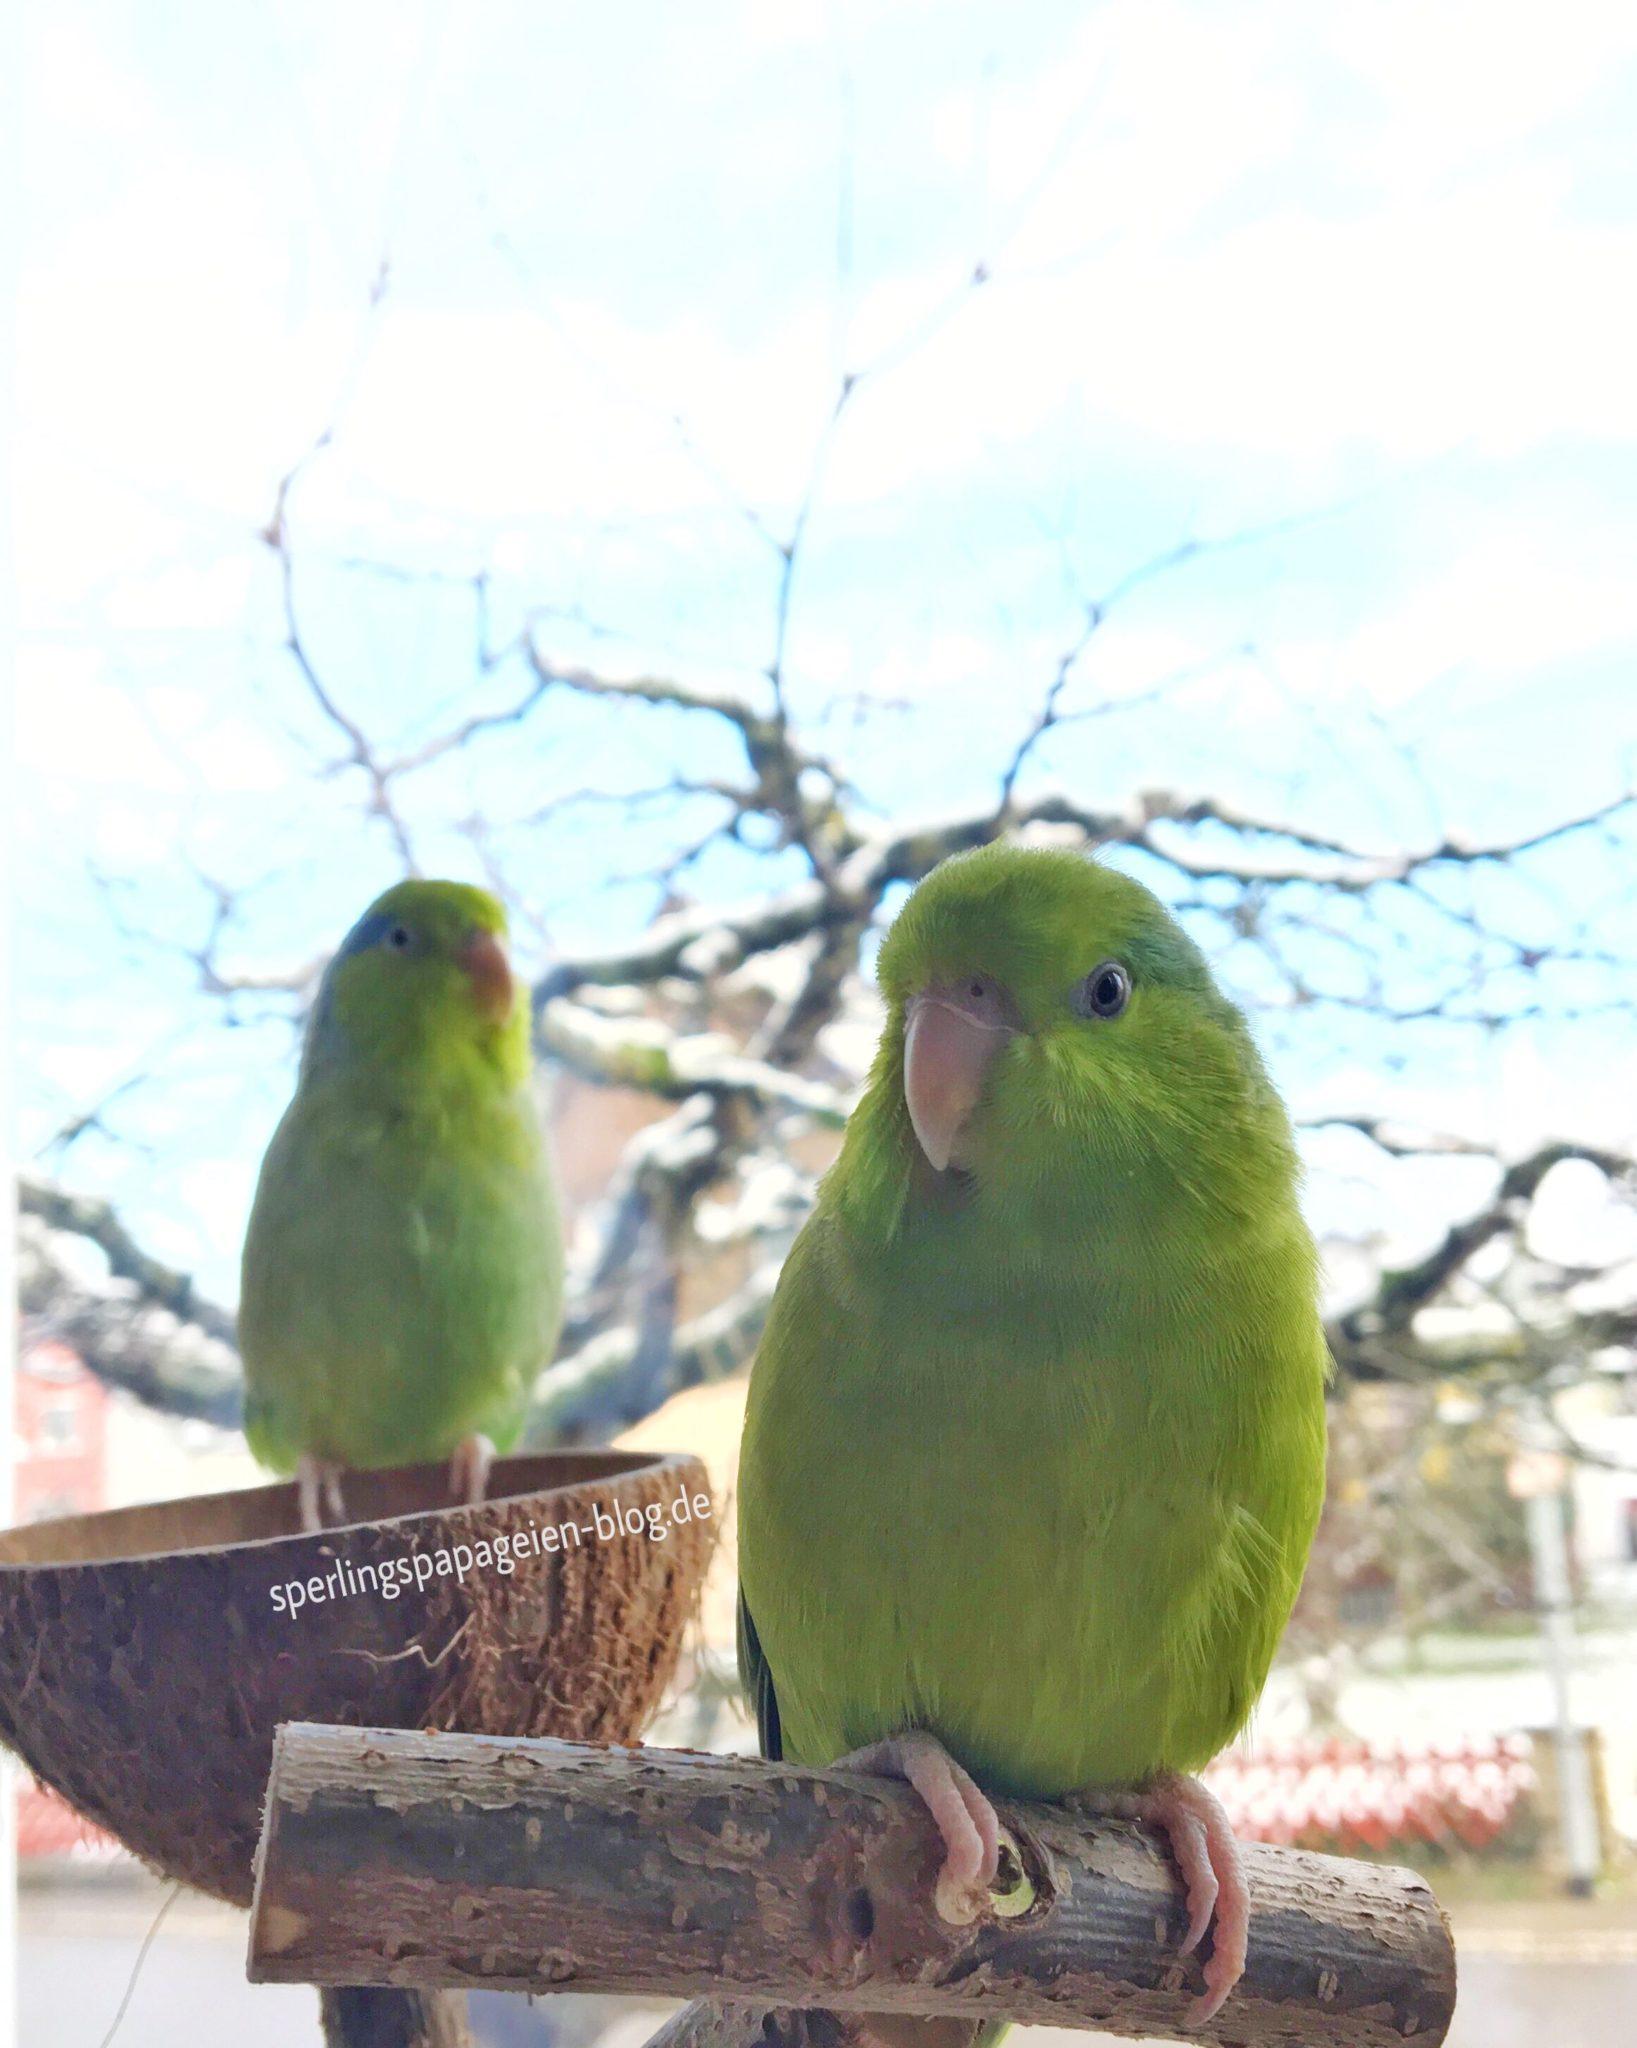 Sperlingspapageien und andere Tropenvögel haben im Winter besondere Ansprüche an die Temperatur, Beleuchtung und Luftfeuchtigkeit